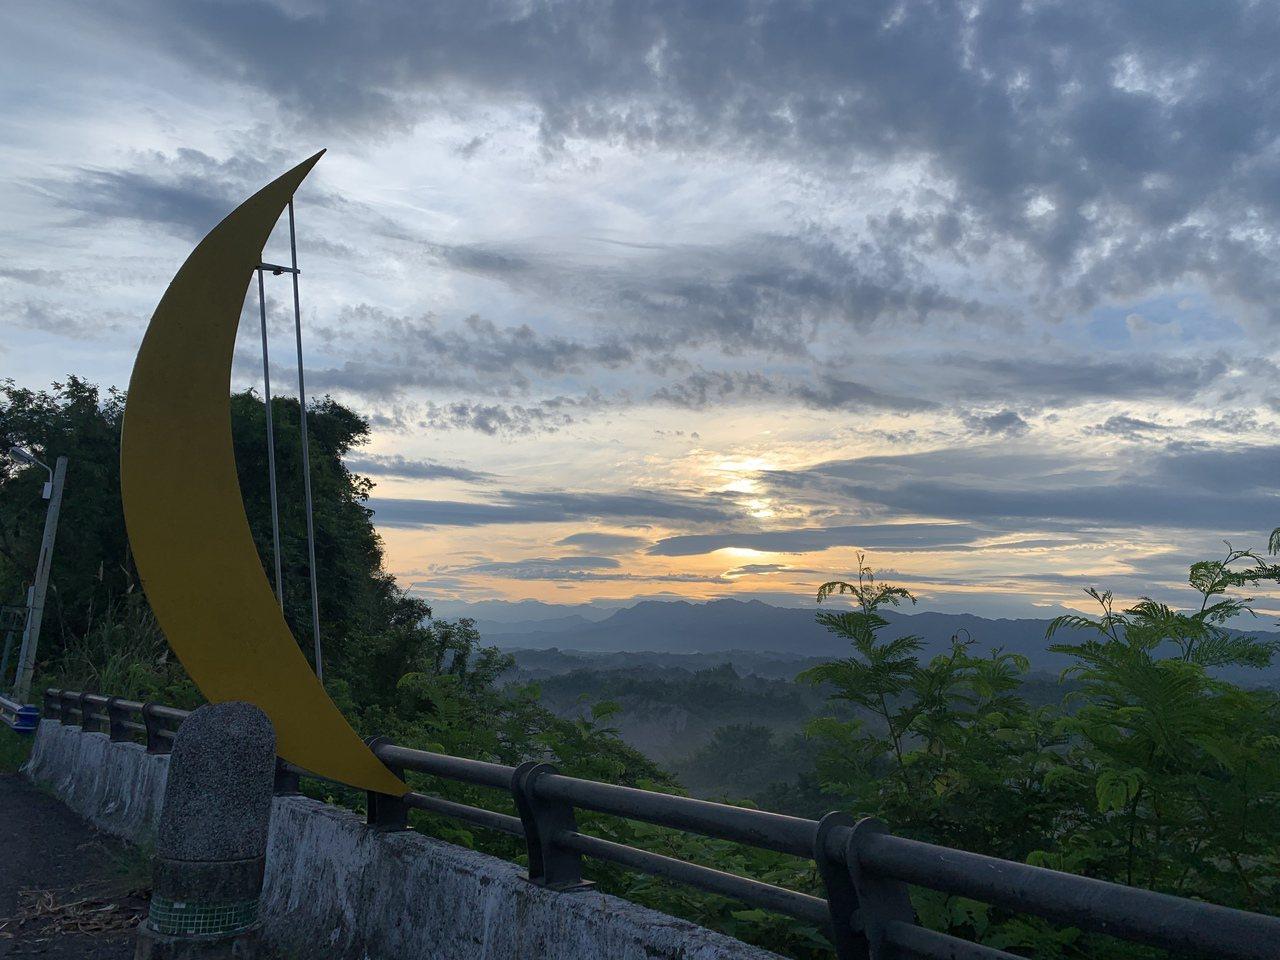 台南市打造「觀日奔月」公路,串連二寮觀日出到龍崎牛埔農塘月世界。記者吳淑玲/攝影